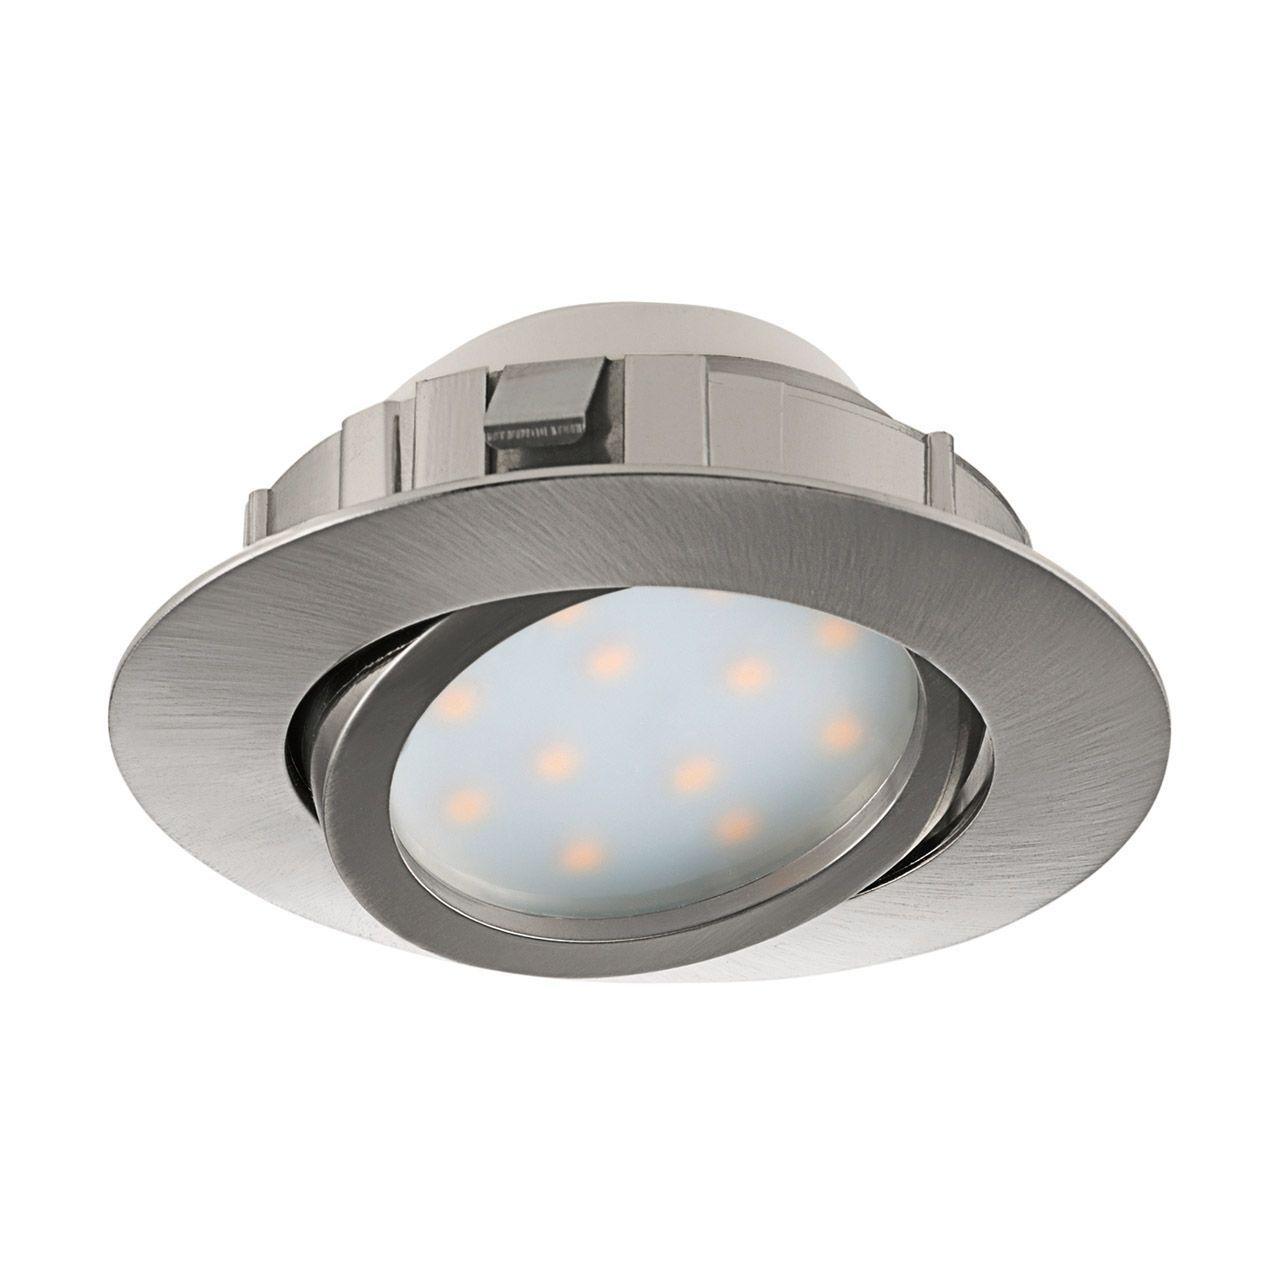 Встраиваемый светодиодный светильник Eglo Pineda 95856 встраиваемый светодиодный светильник eglo pineda 95868